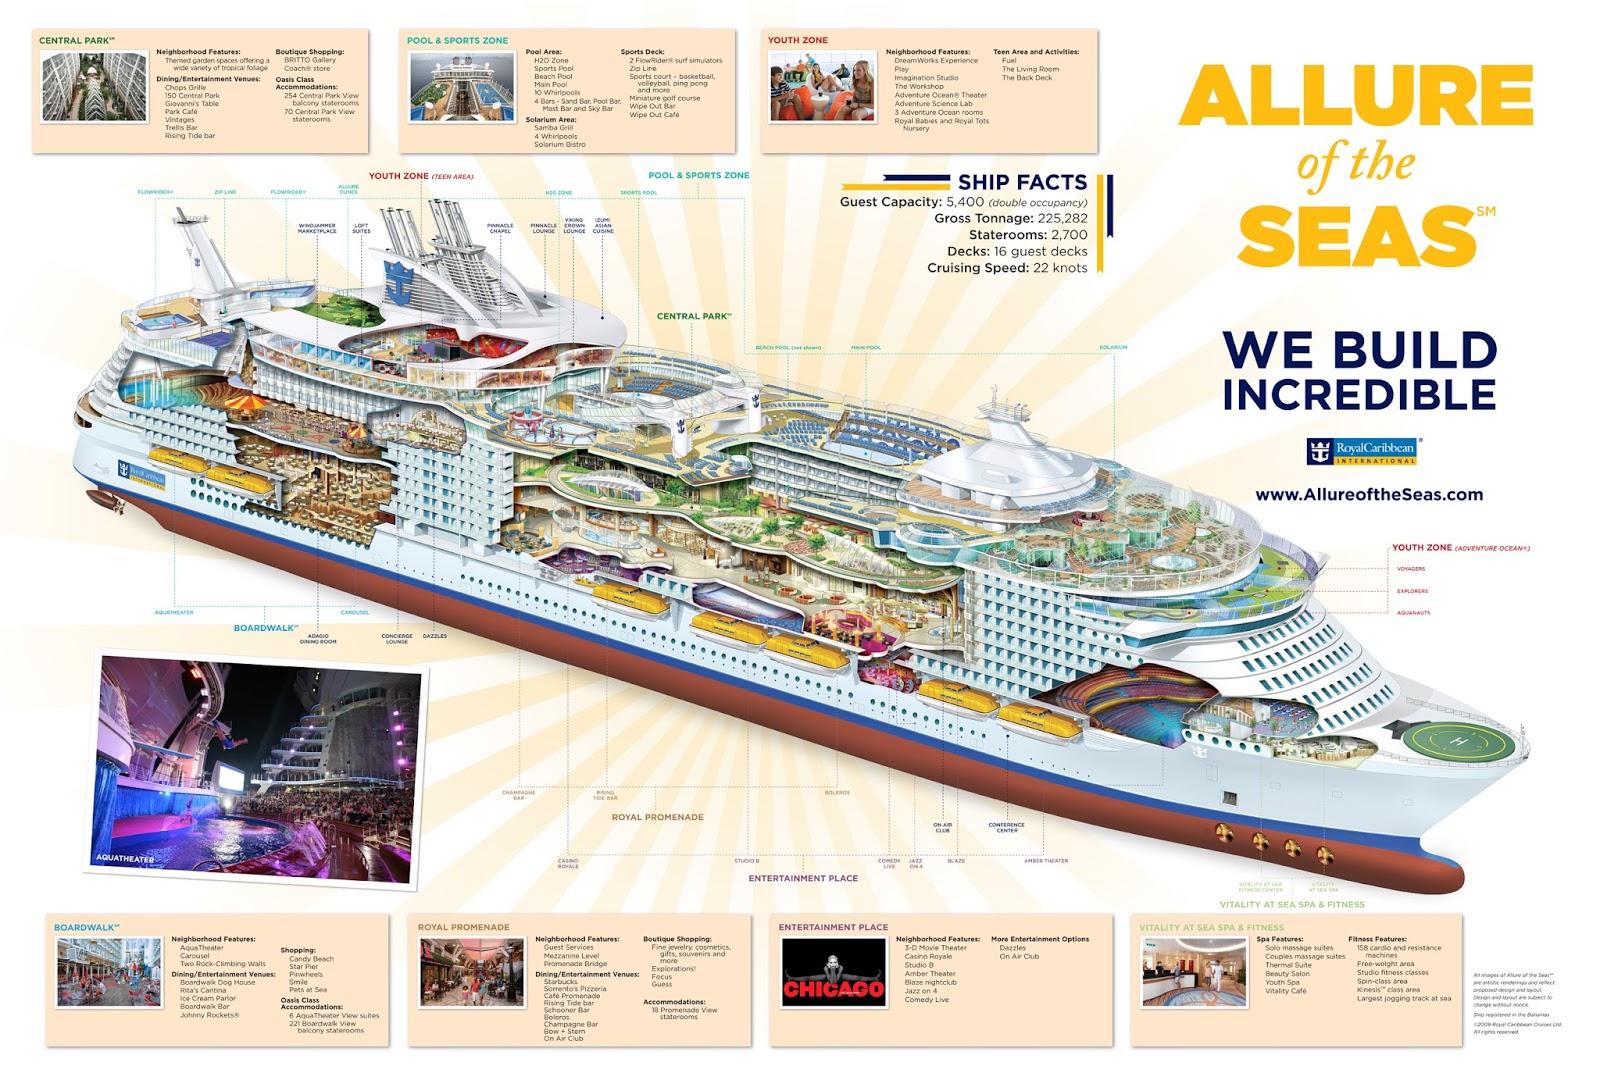 Allure-of-the-Seas-Cutaway-Revised.jpg